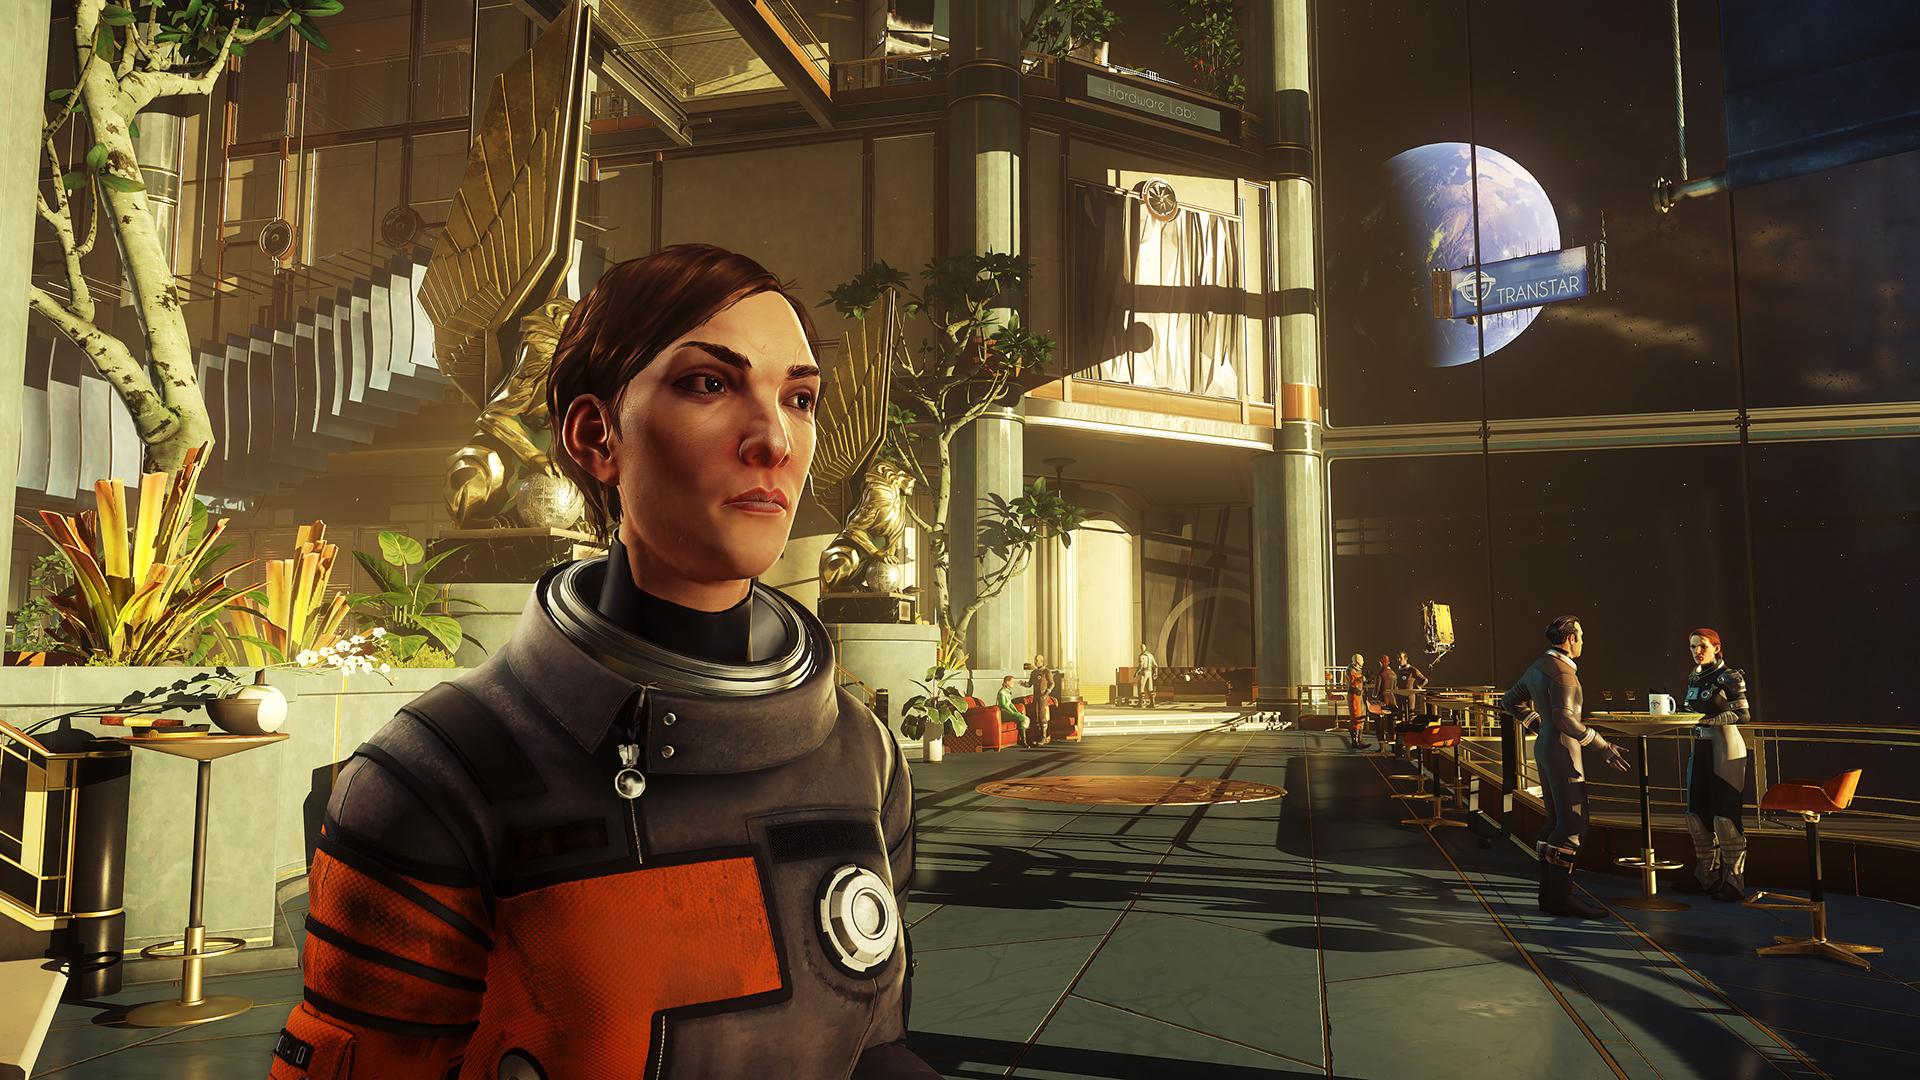 Bethesda's Prey Gets a Gamescom Gameplay Teaser Trailer